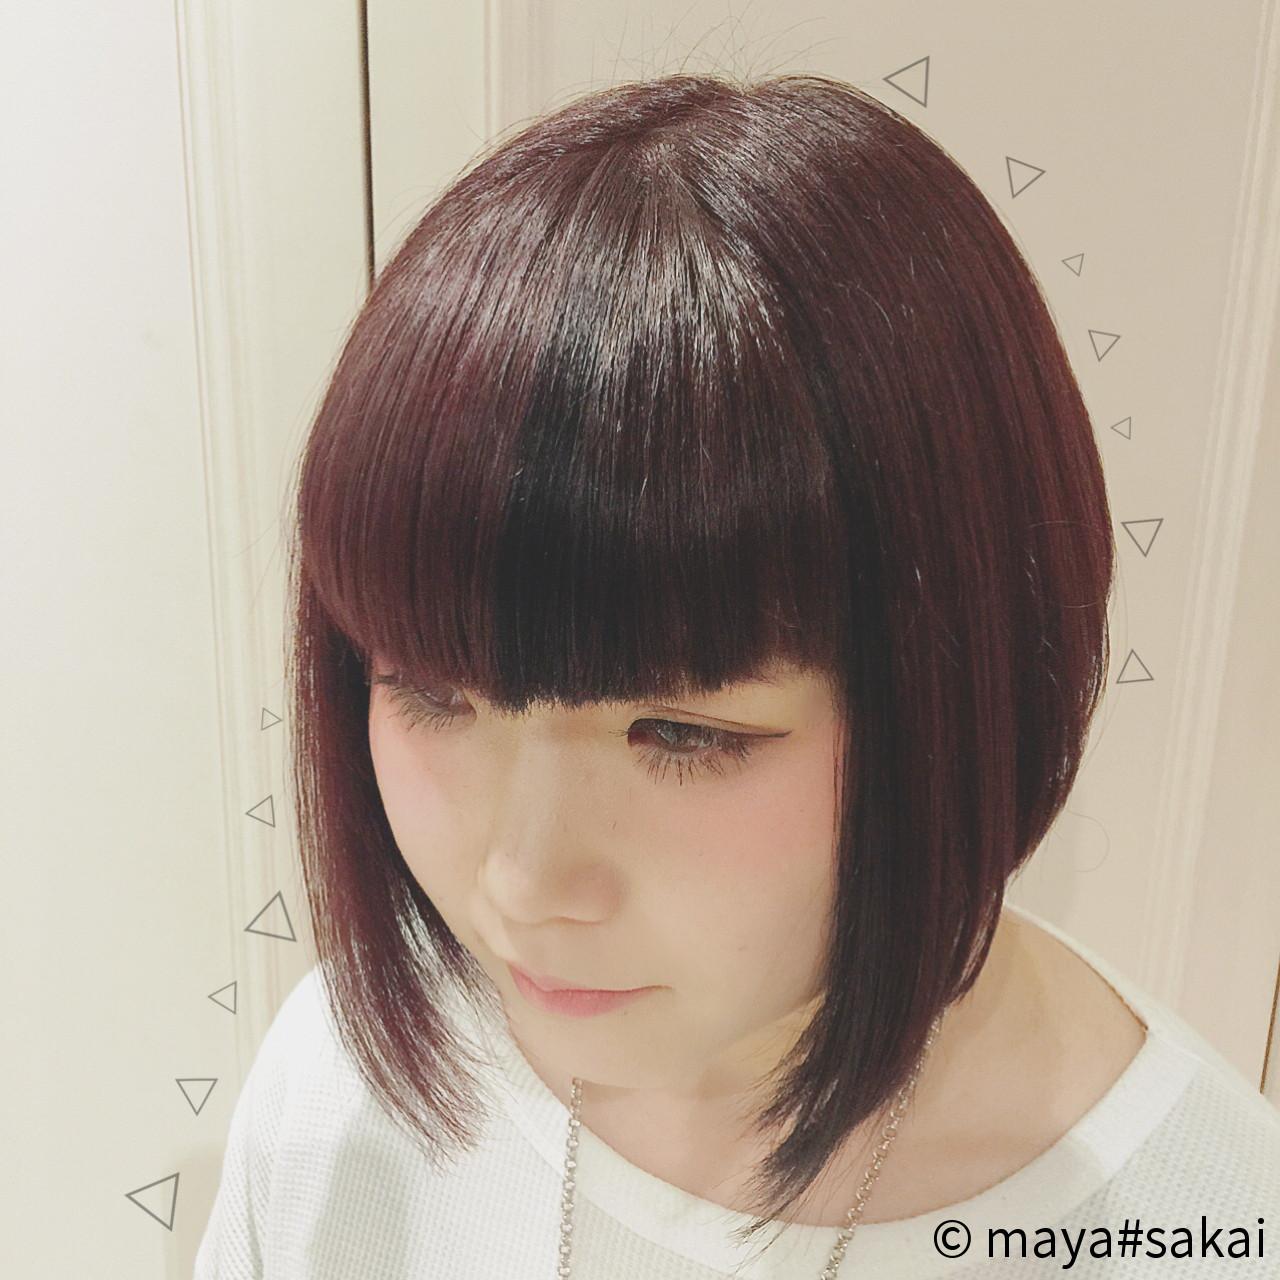 色気 ローライト ボブ 艶髪 ヘアスタイルや髪型の写真・画像